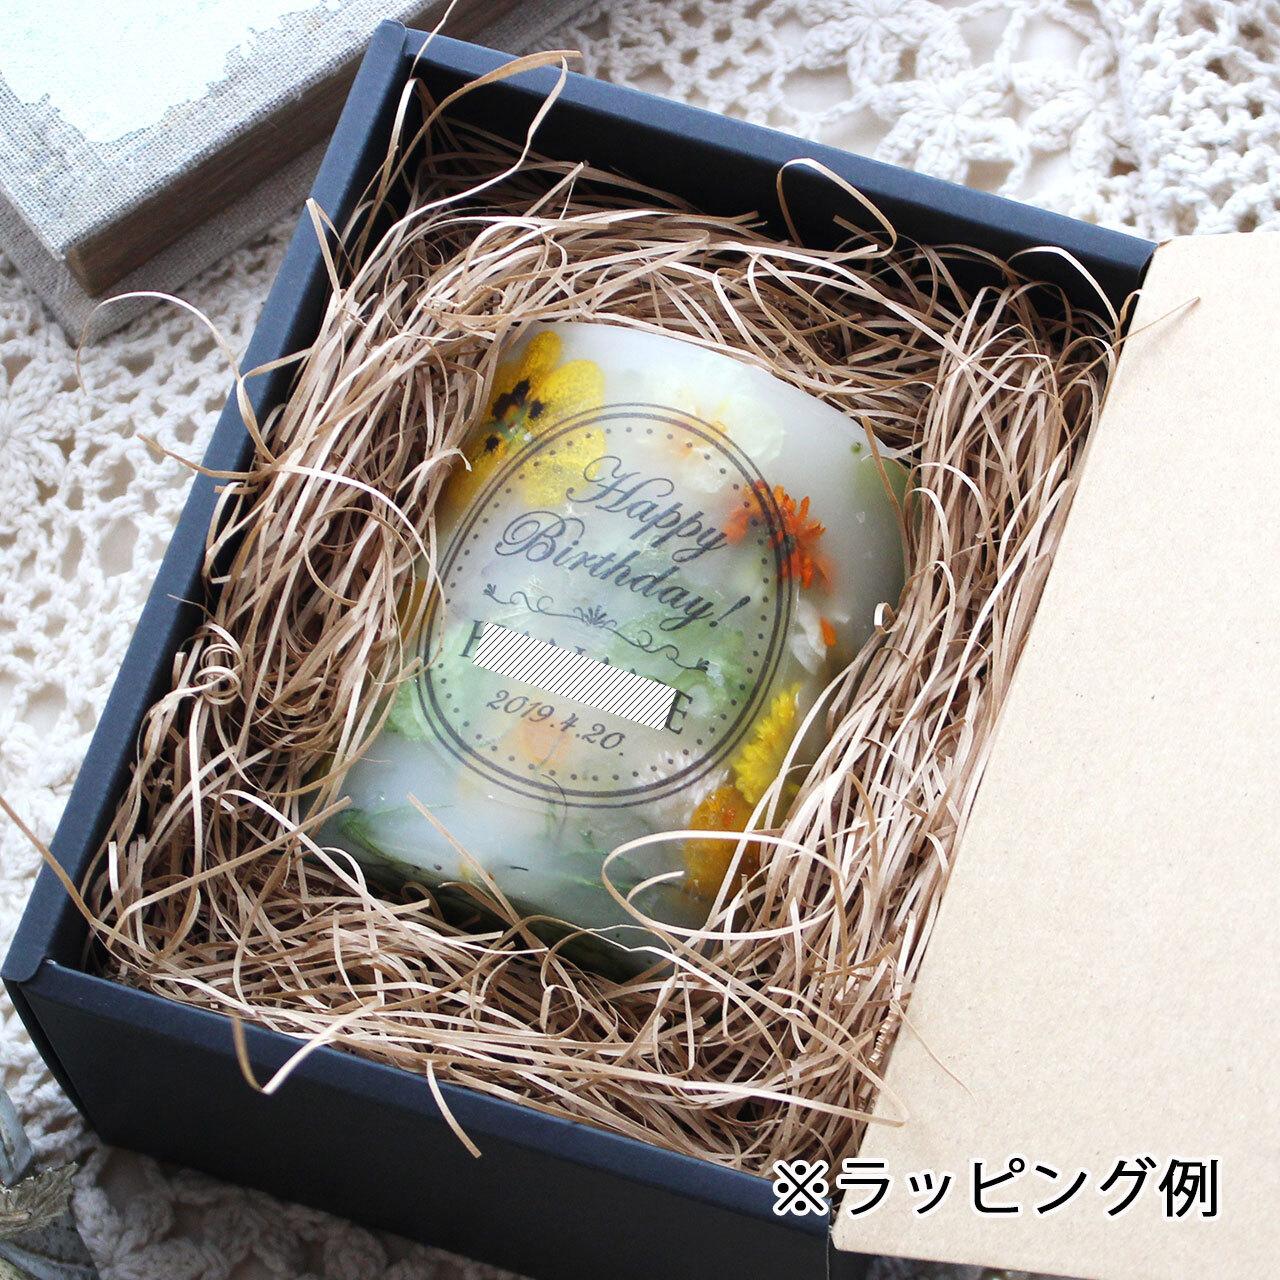 NC231 ギフトラッピング付き☆メッセージ&日付&名入れボタニカルキャンドル プリザーブドローズ